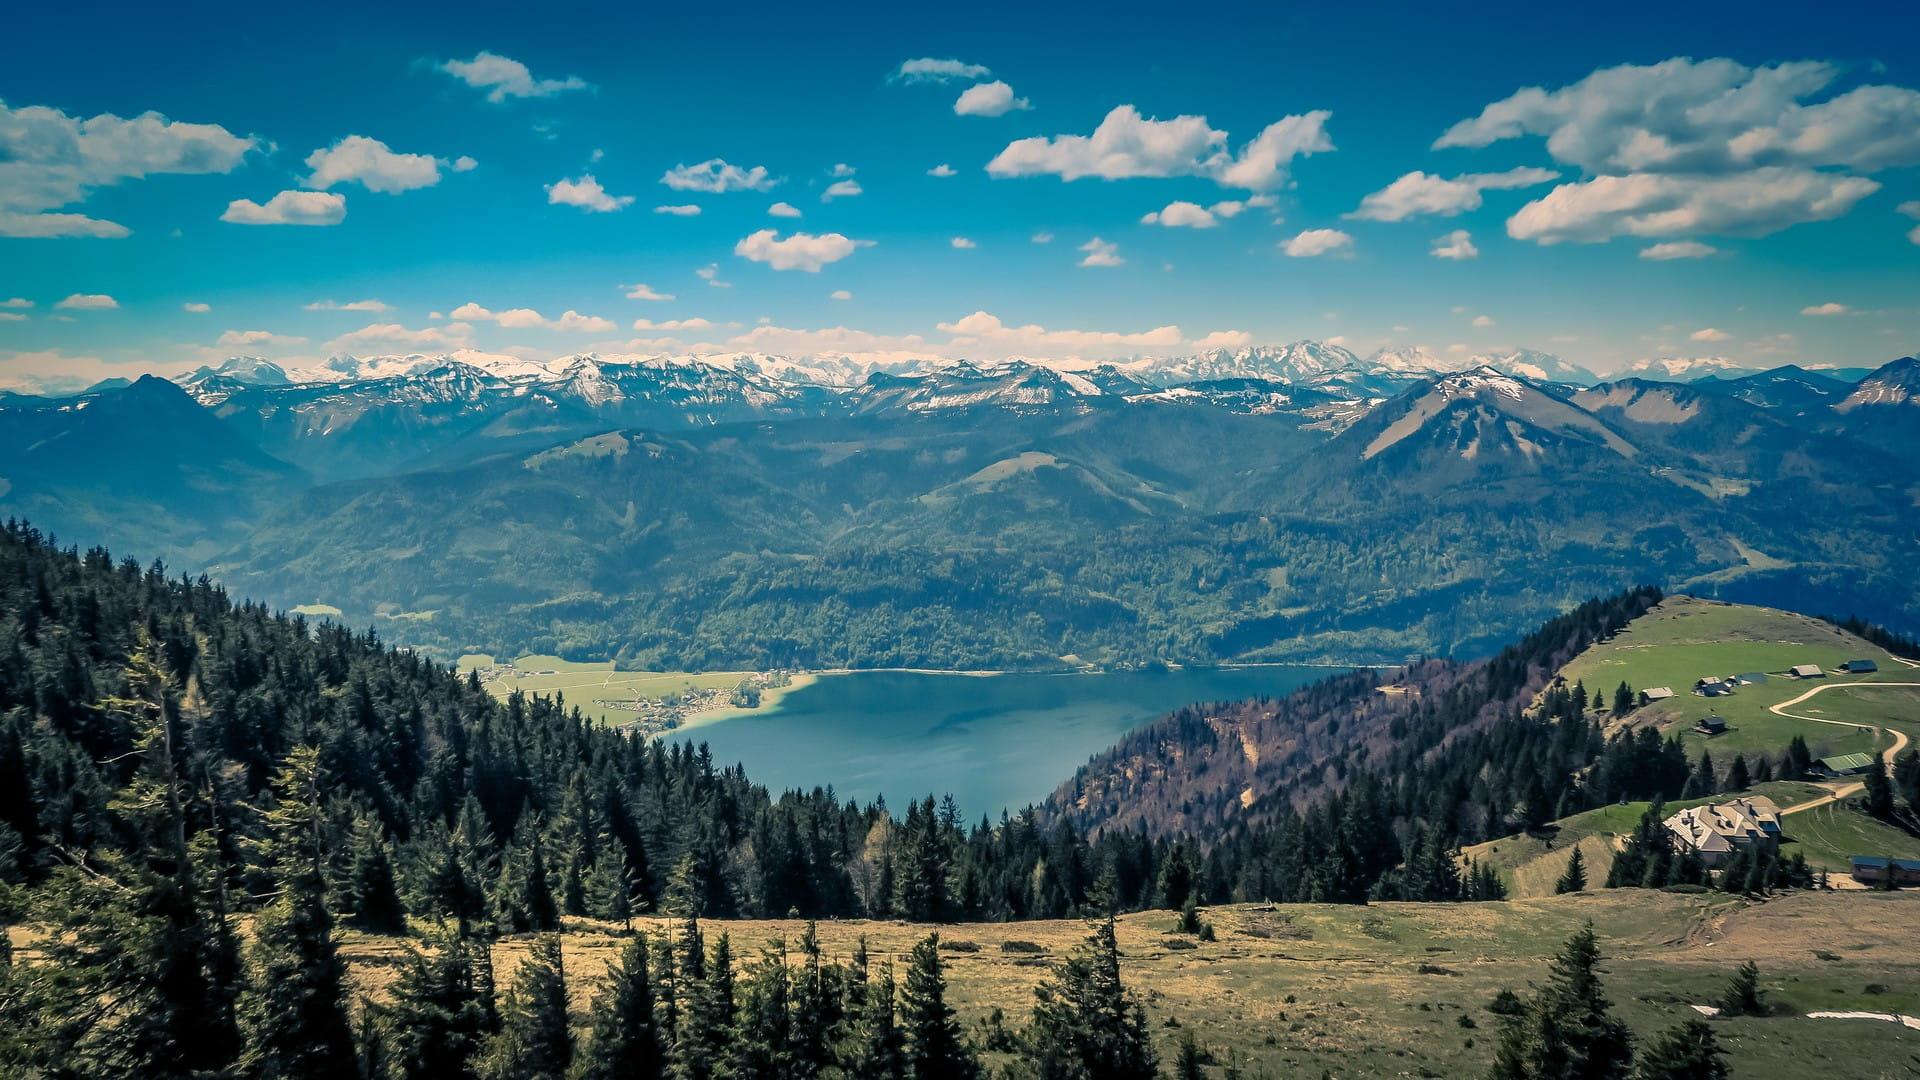 Landschaftsaufnahme österreichischer Berge